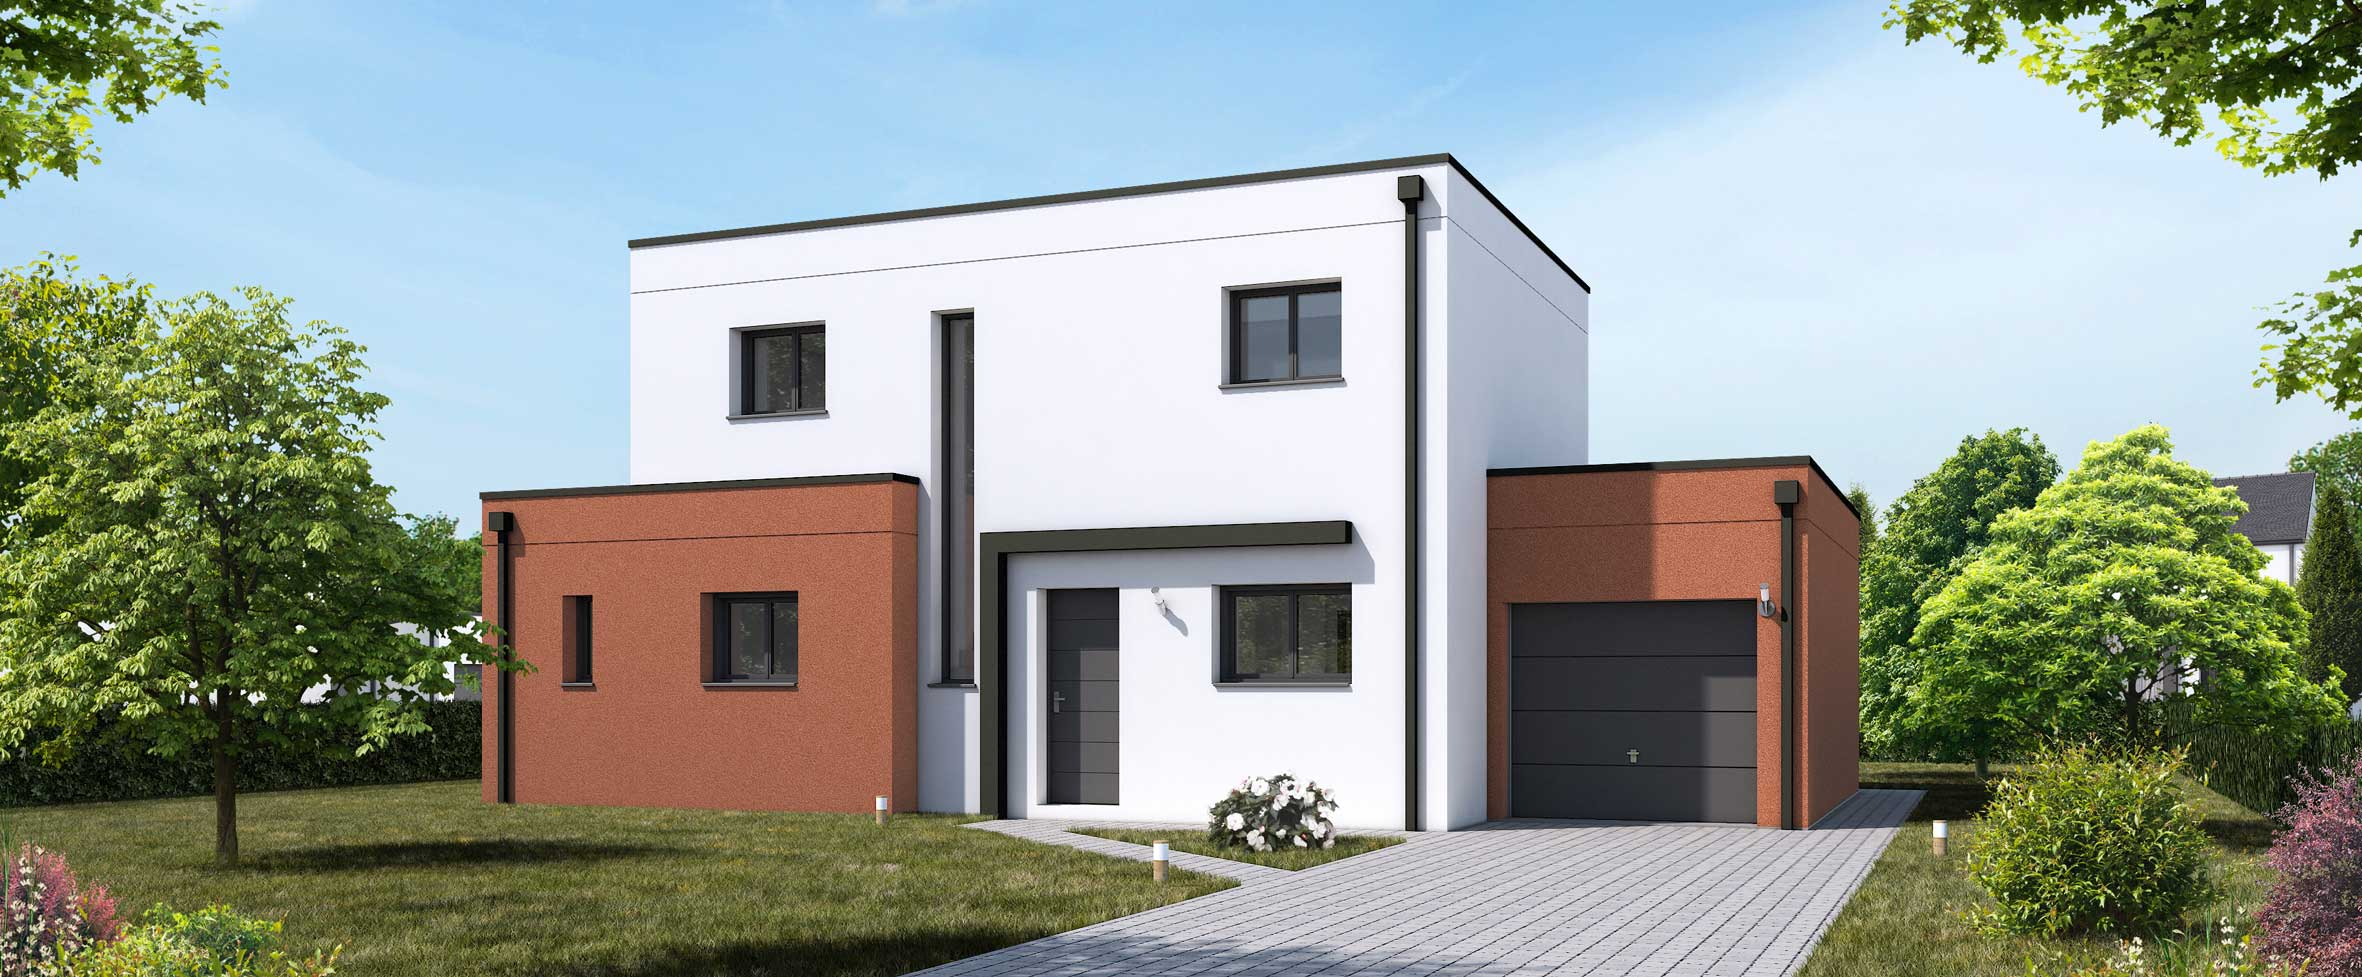 Constructeur De Maison Rennes maisons mtb - constructeur de maisons - rennes